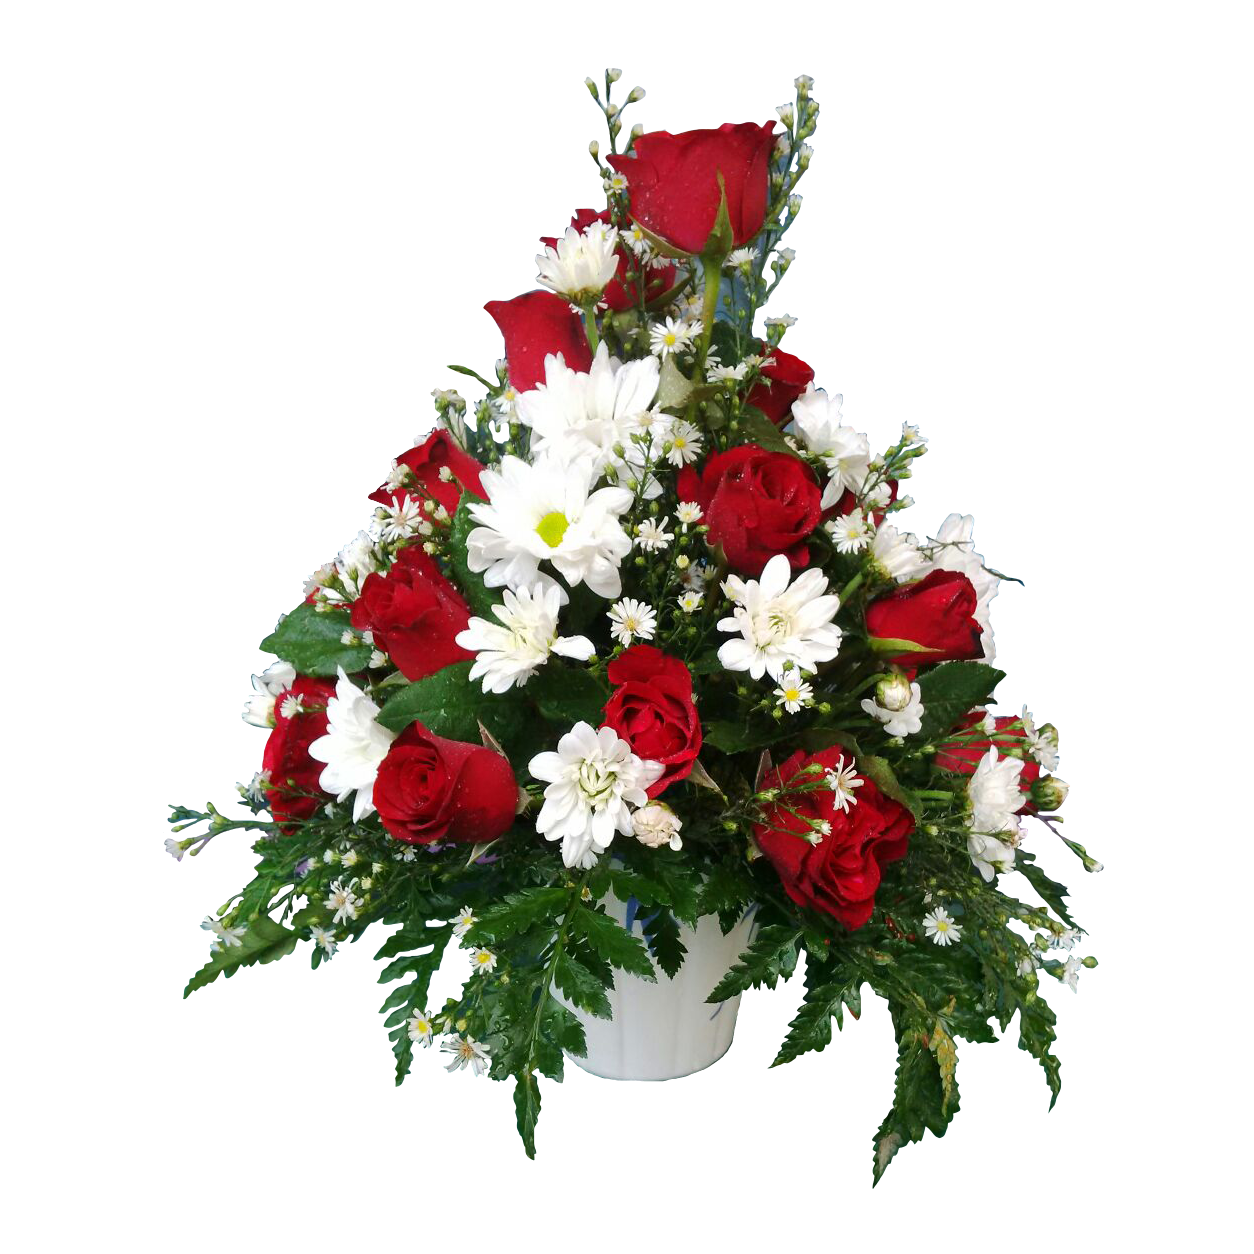 Toko Karangan Bunga Ucapan Terbaik Indonesia Toko Bunga Ucapan Rangkaian Bunga Toko Bunga Bunga